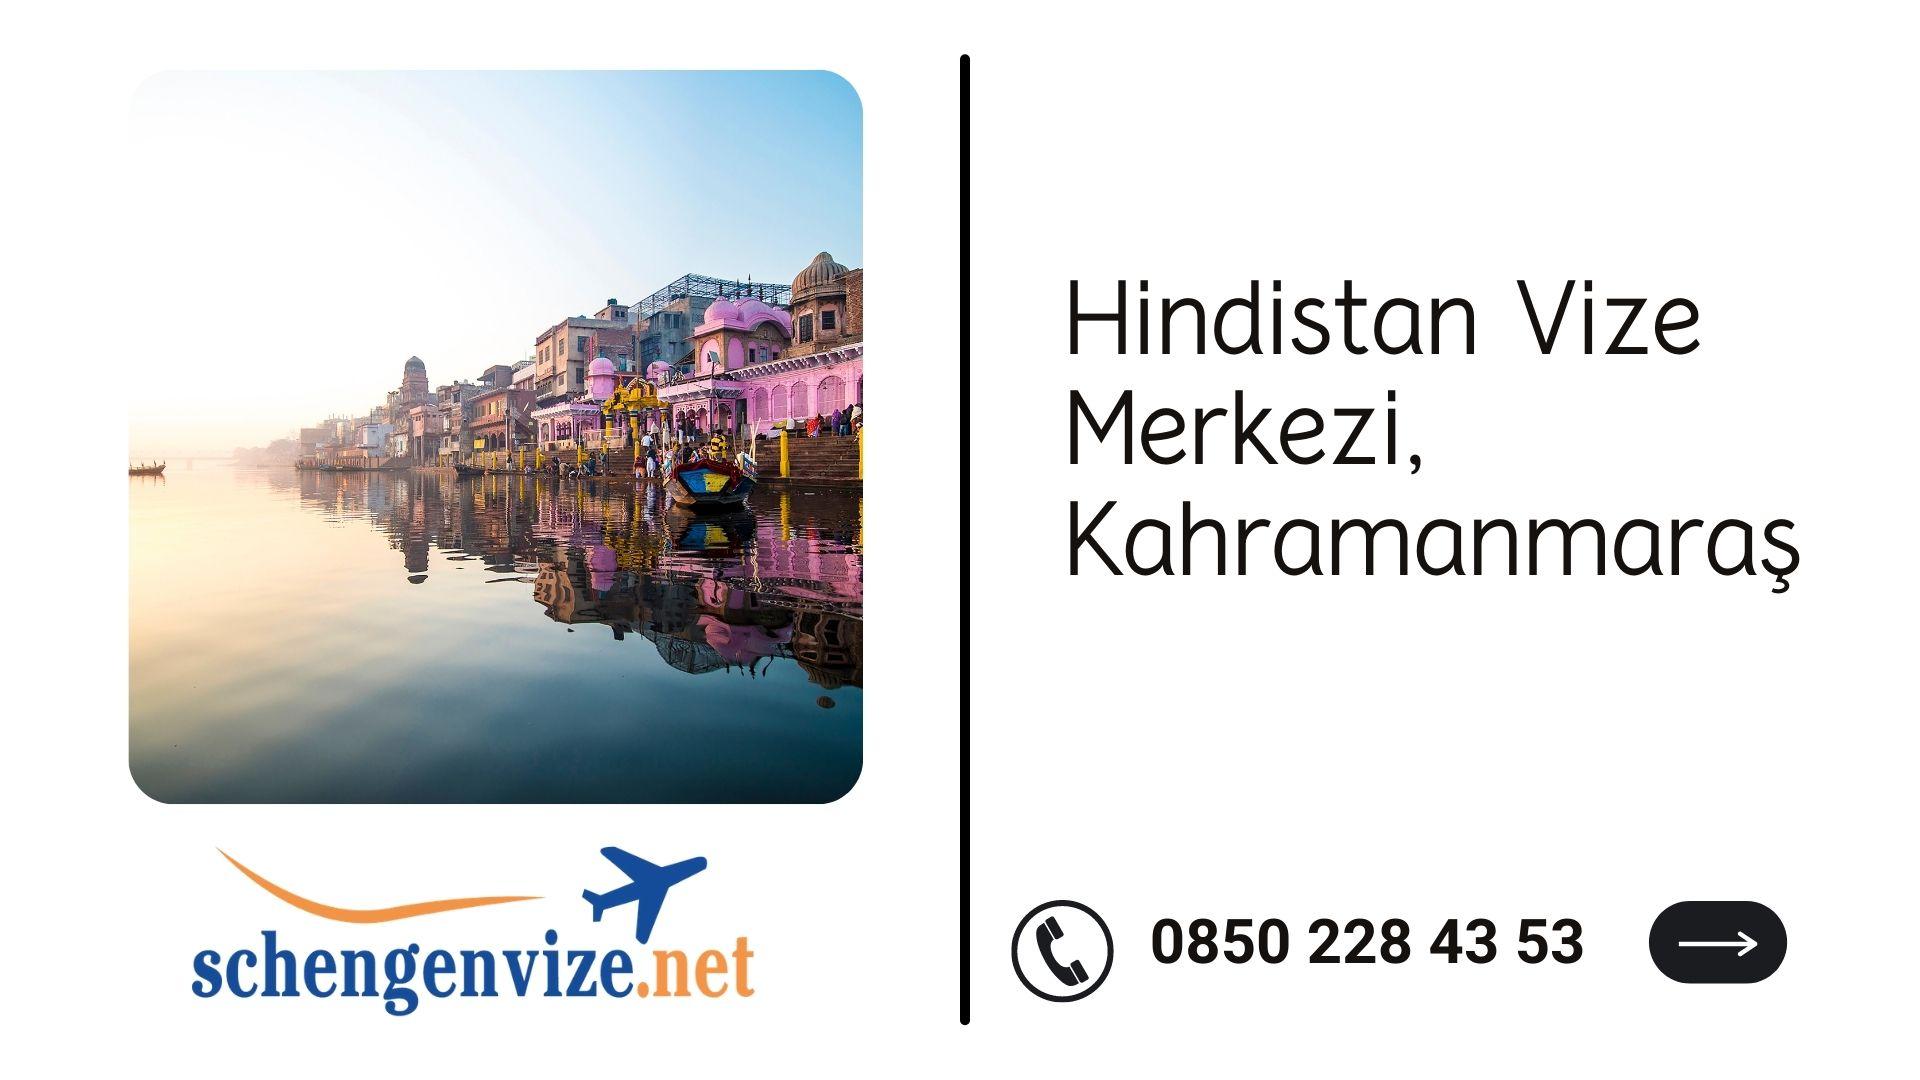 Hindistan Vize Merkezi, Kahramanmaraş